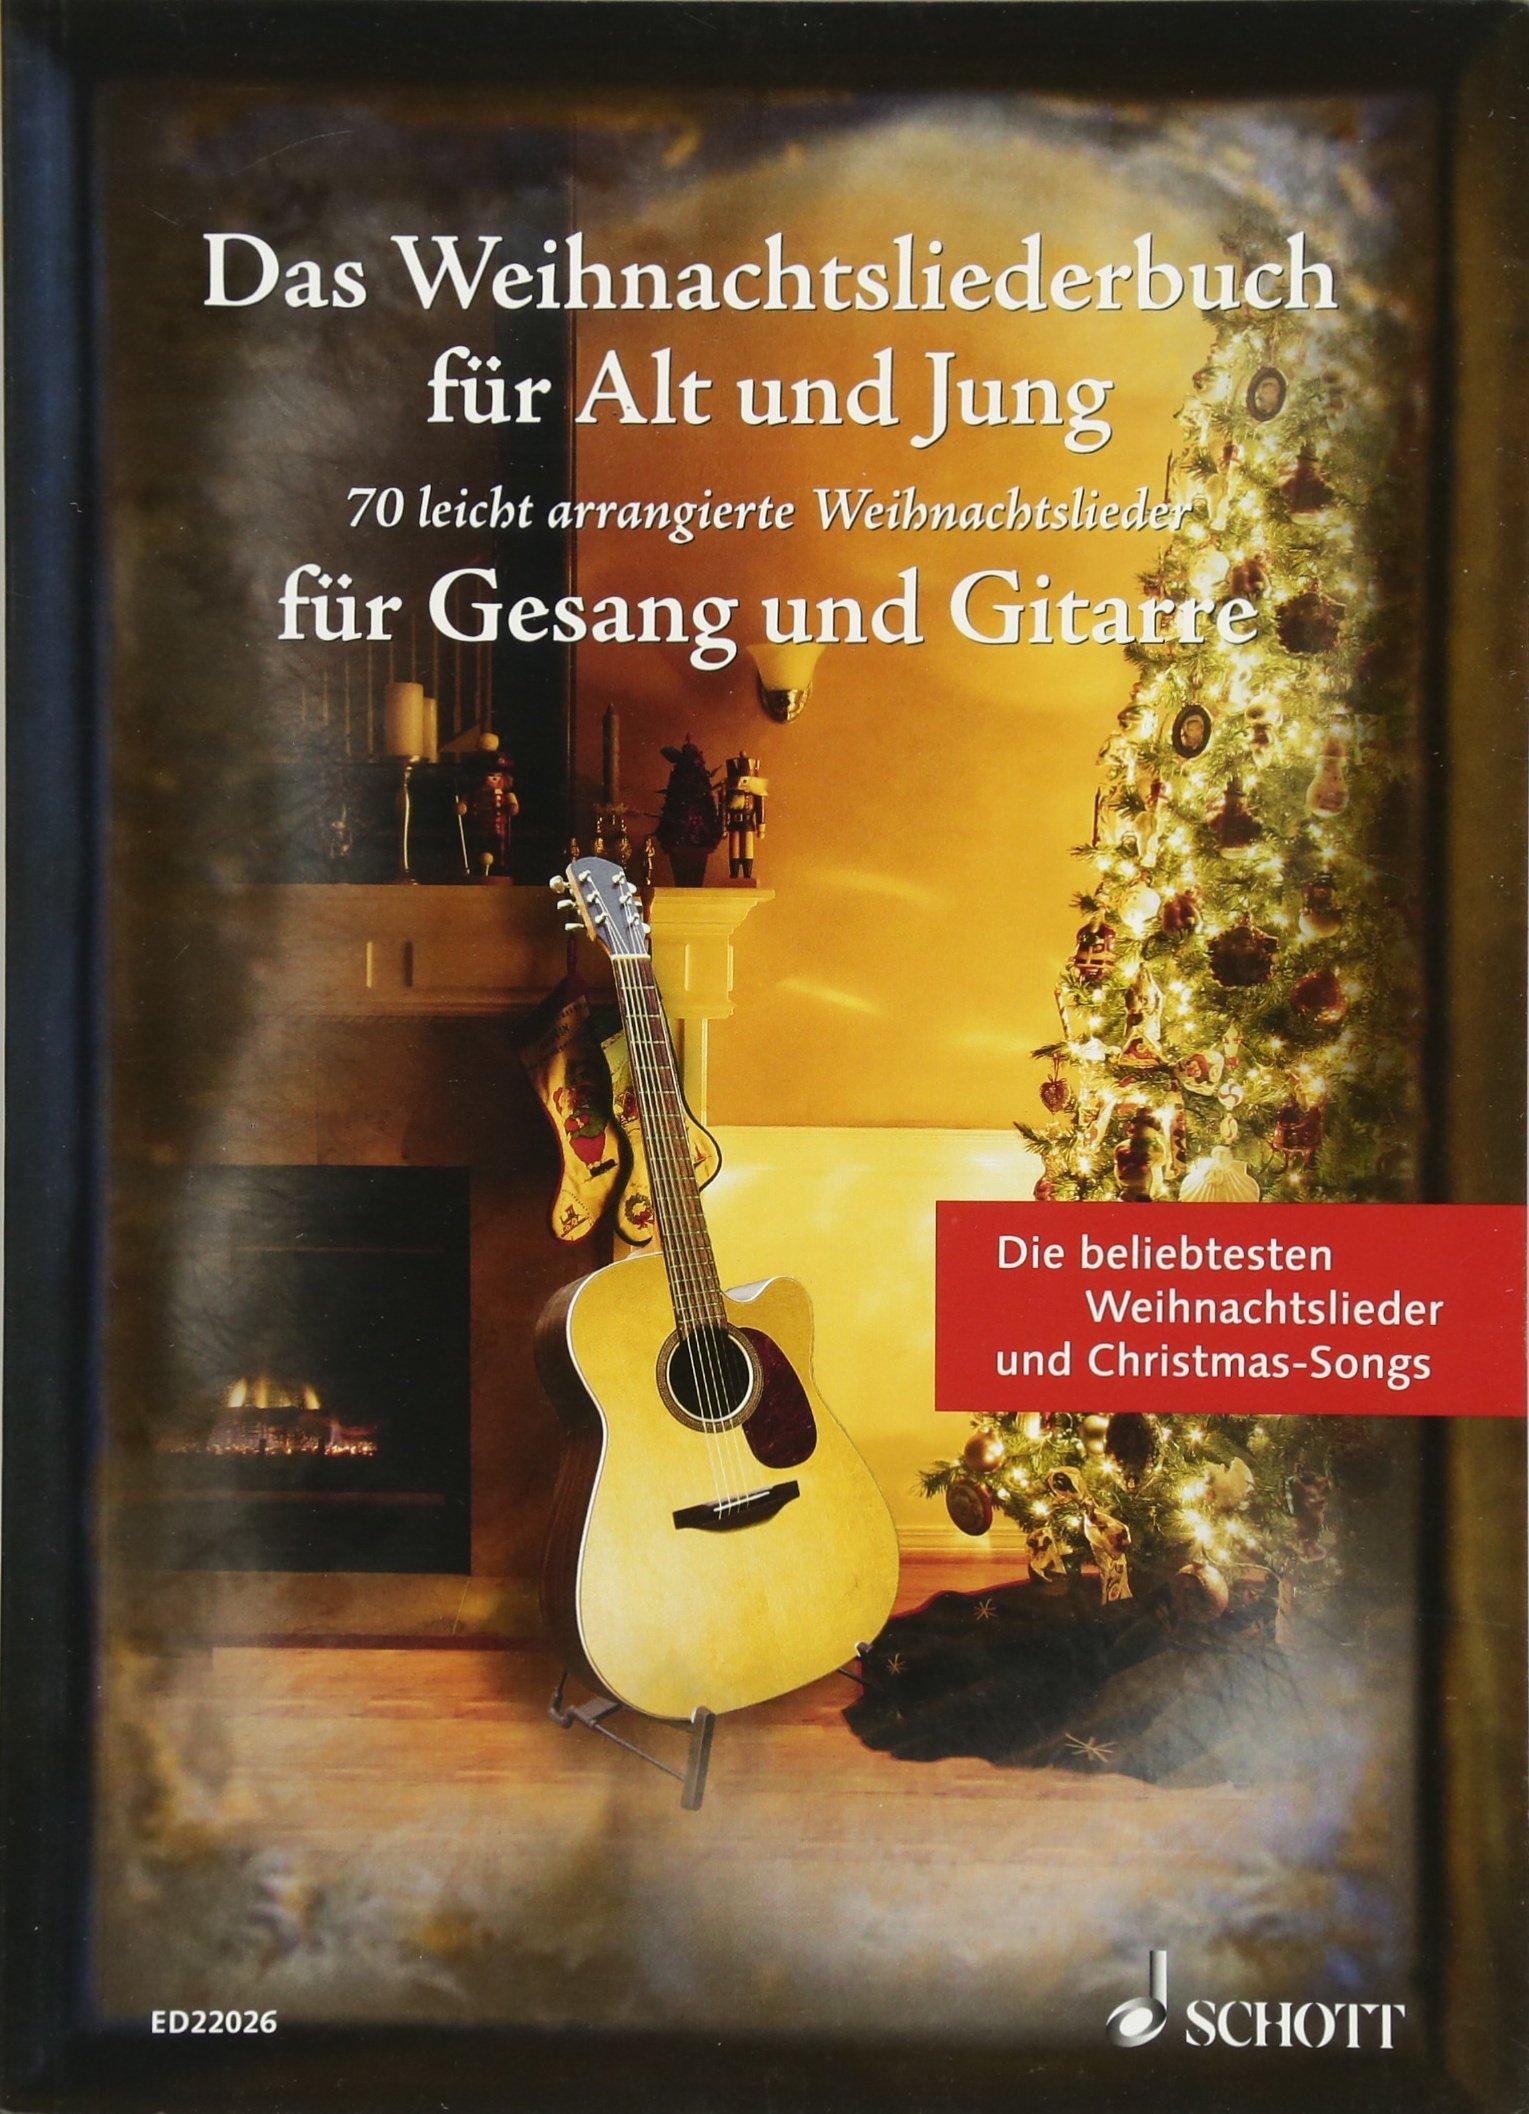 Weihnachtslieder Gesang.Das Weihnachtsliederbuch Für Alt Und Jung 70 Leicht Arrangierte